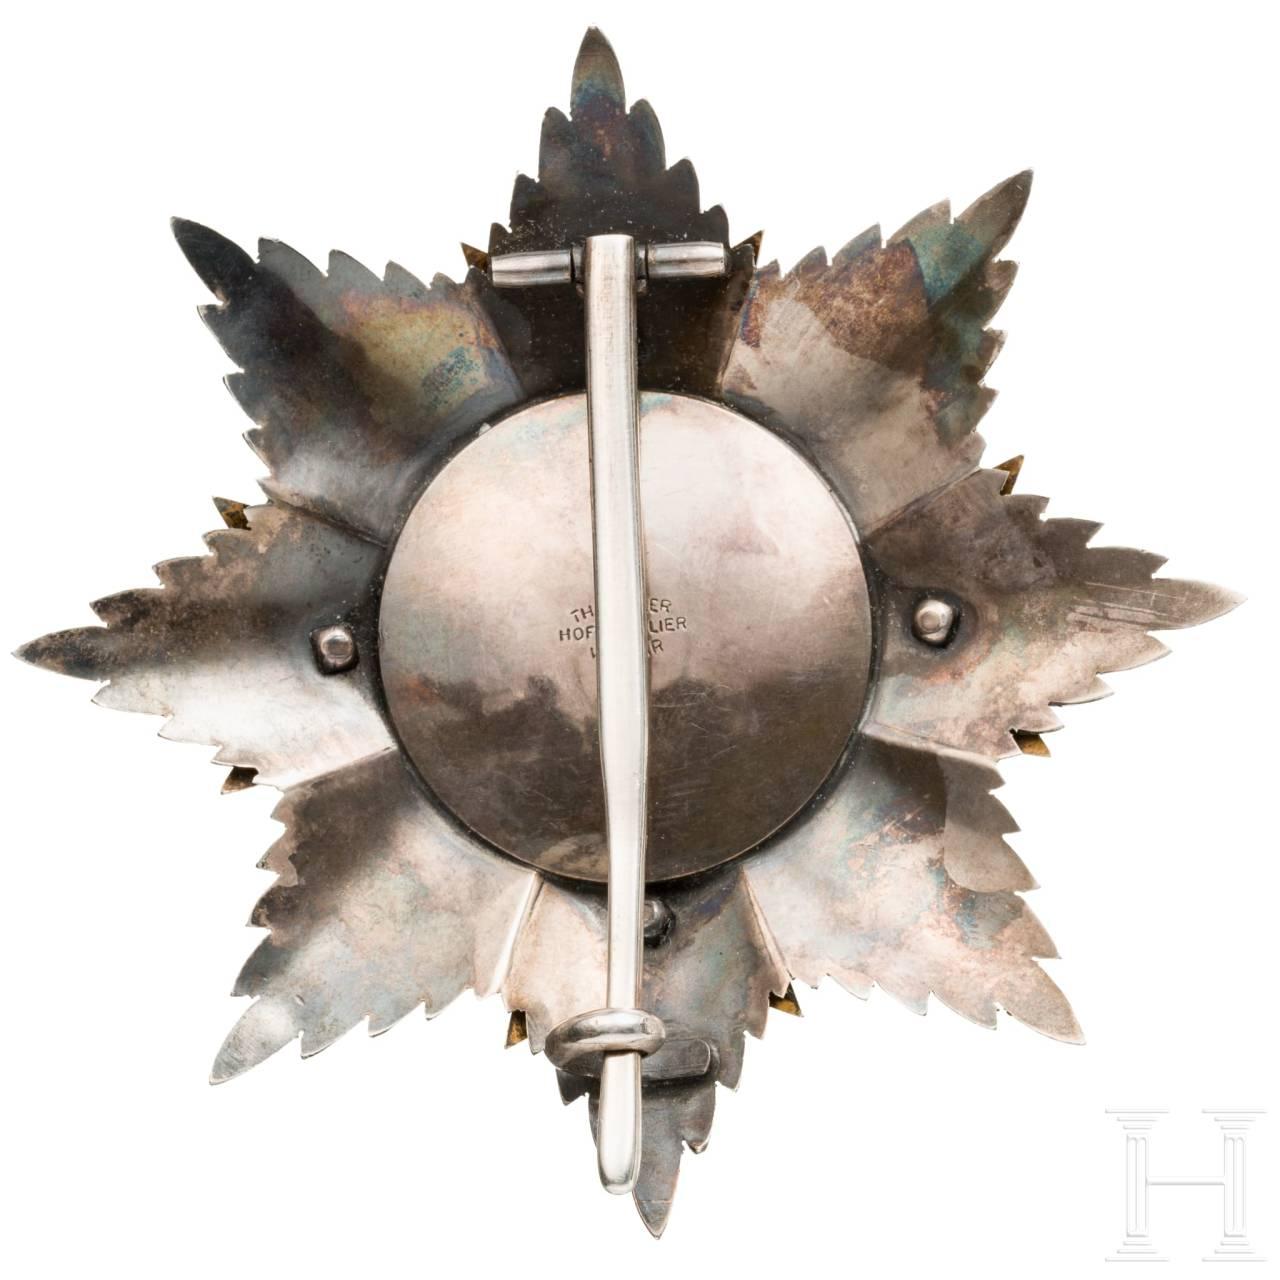 Bruststern zum Großkreuz des Hausordens vom Weißen Falken